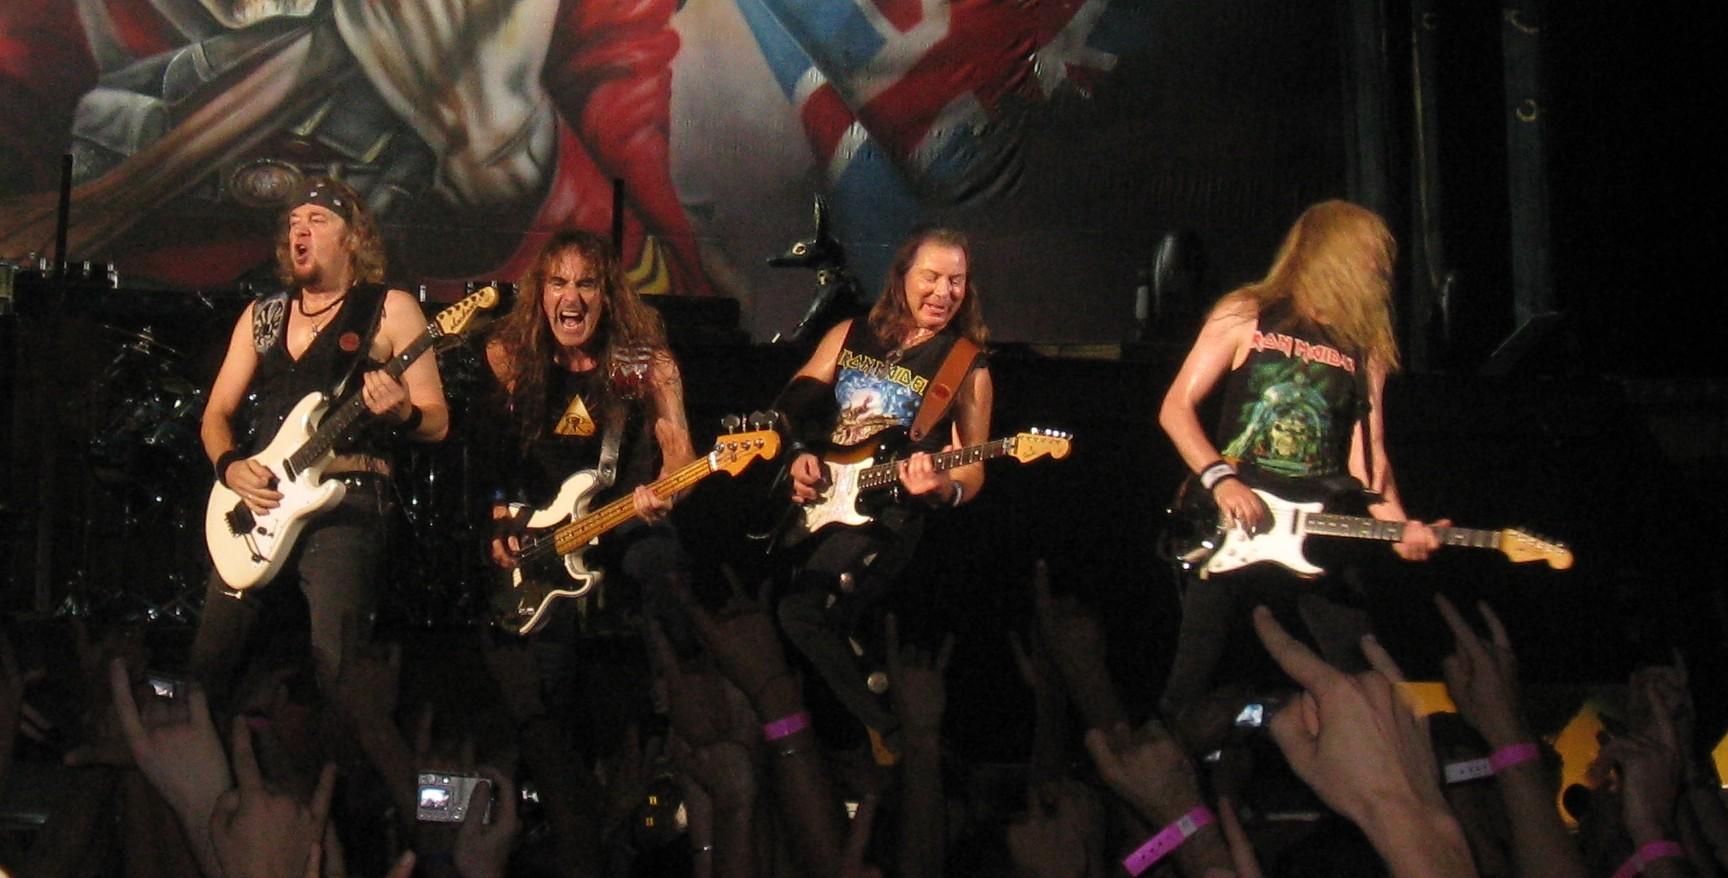 アイアン メイデン:トルーパー 4.7%  Iron Maiden:TROOPER